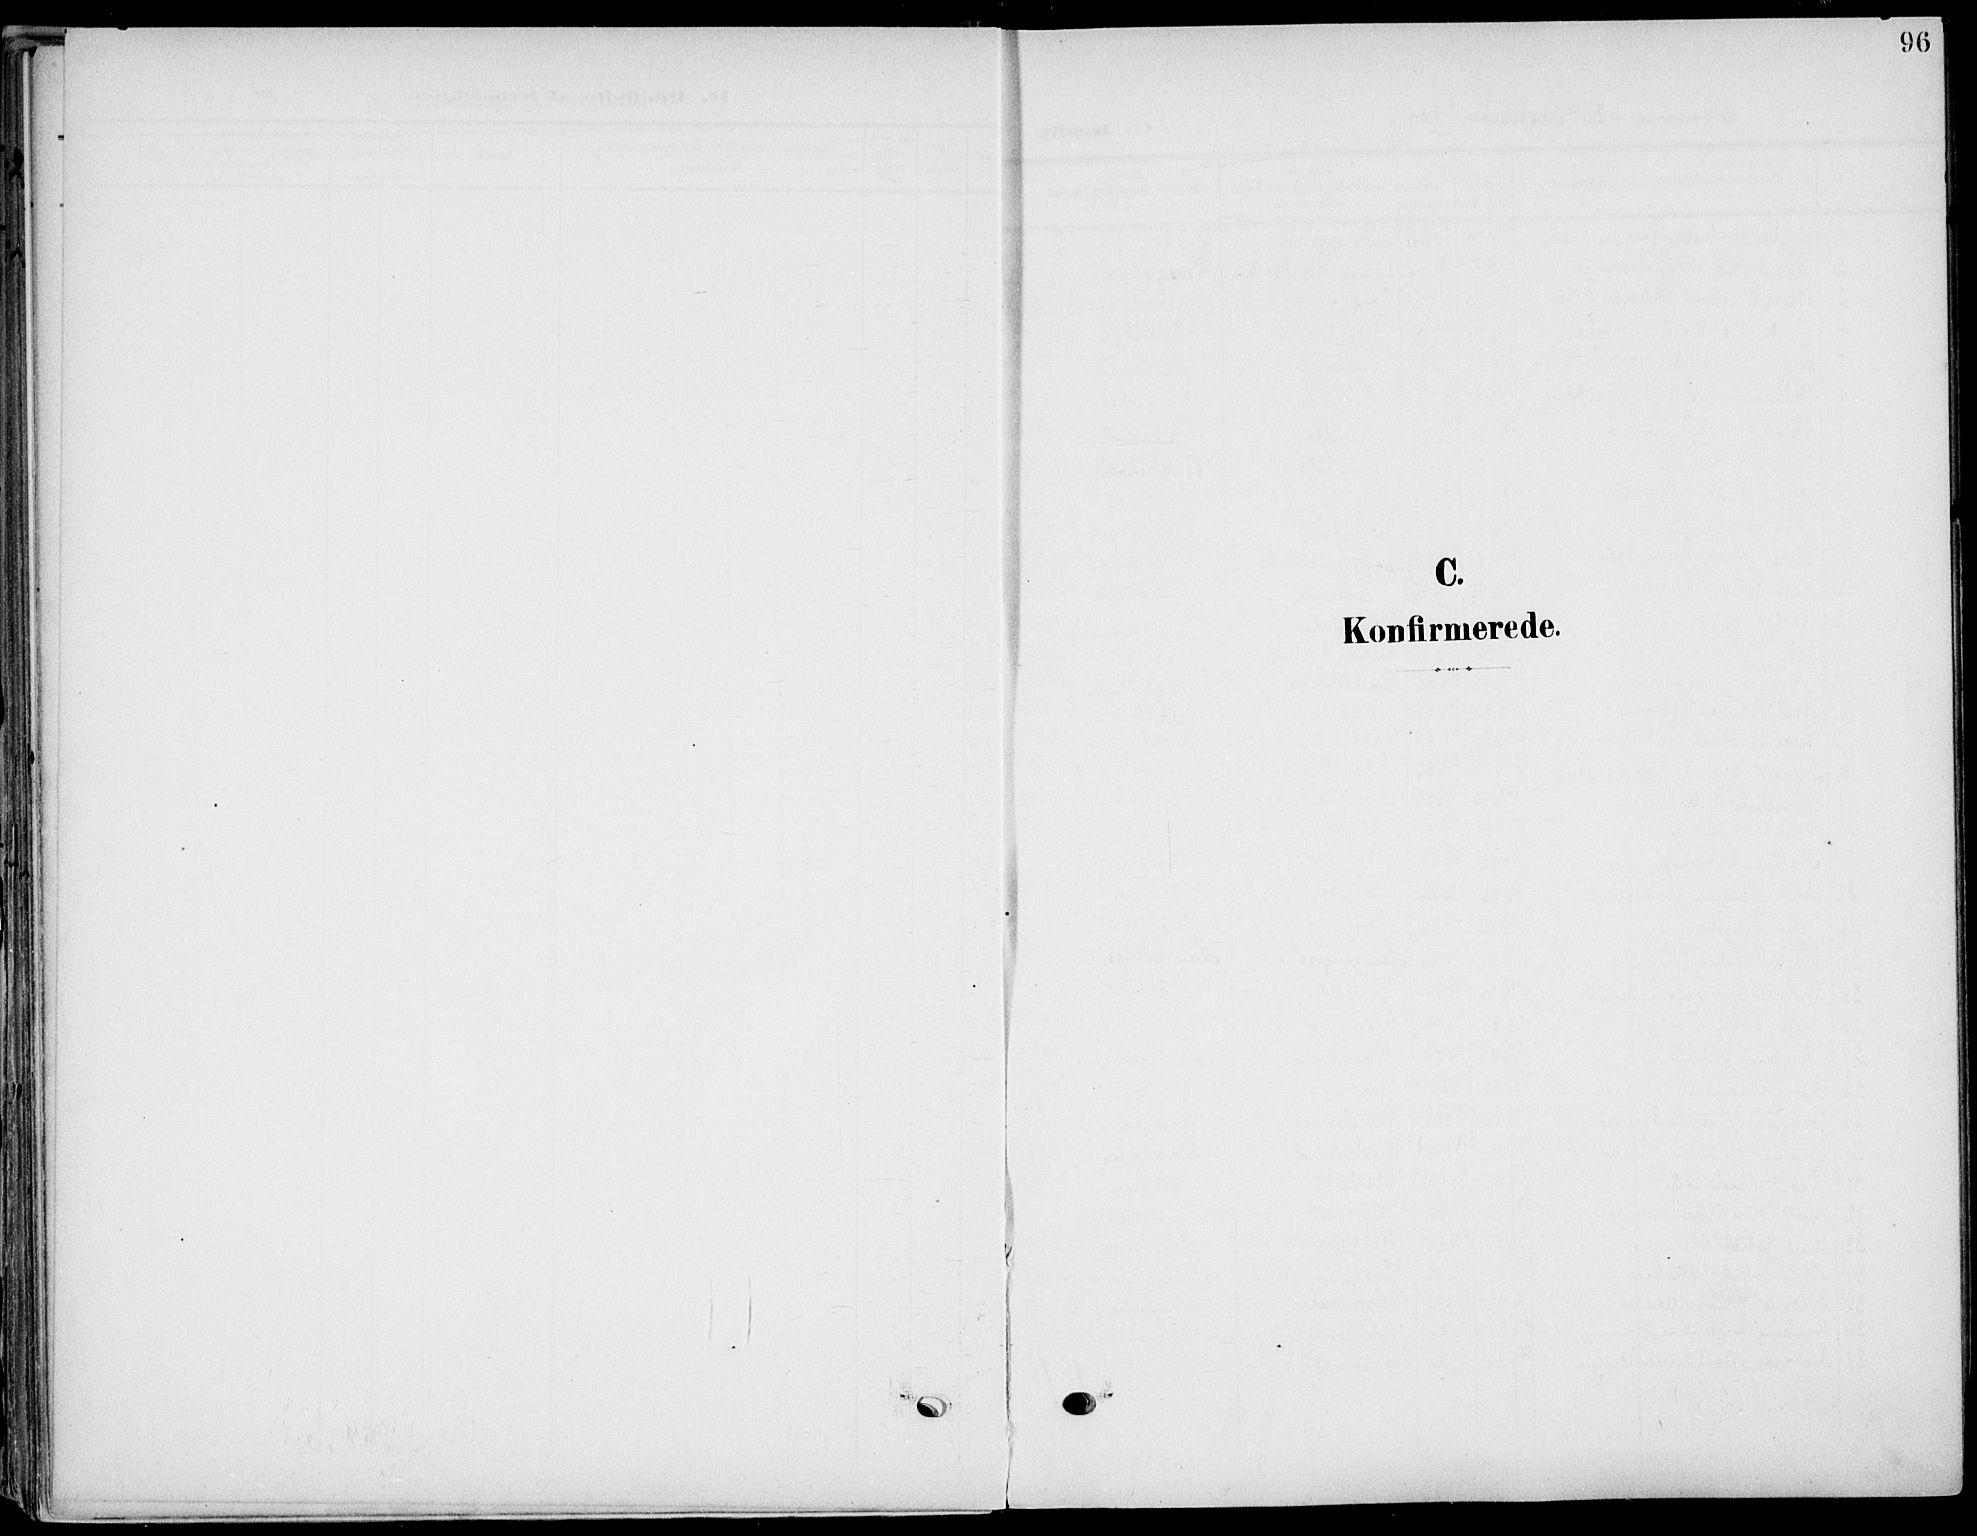 SAKO, Eidanger kirkebøker, F/Fa/L0013: Ministerialbok nr. 13, 1900-1913, s. 96